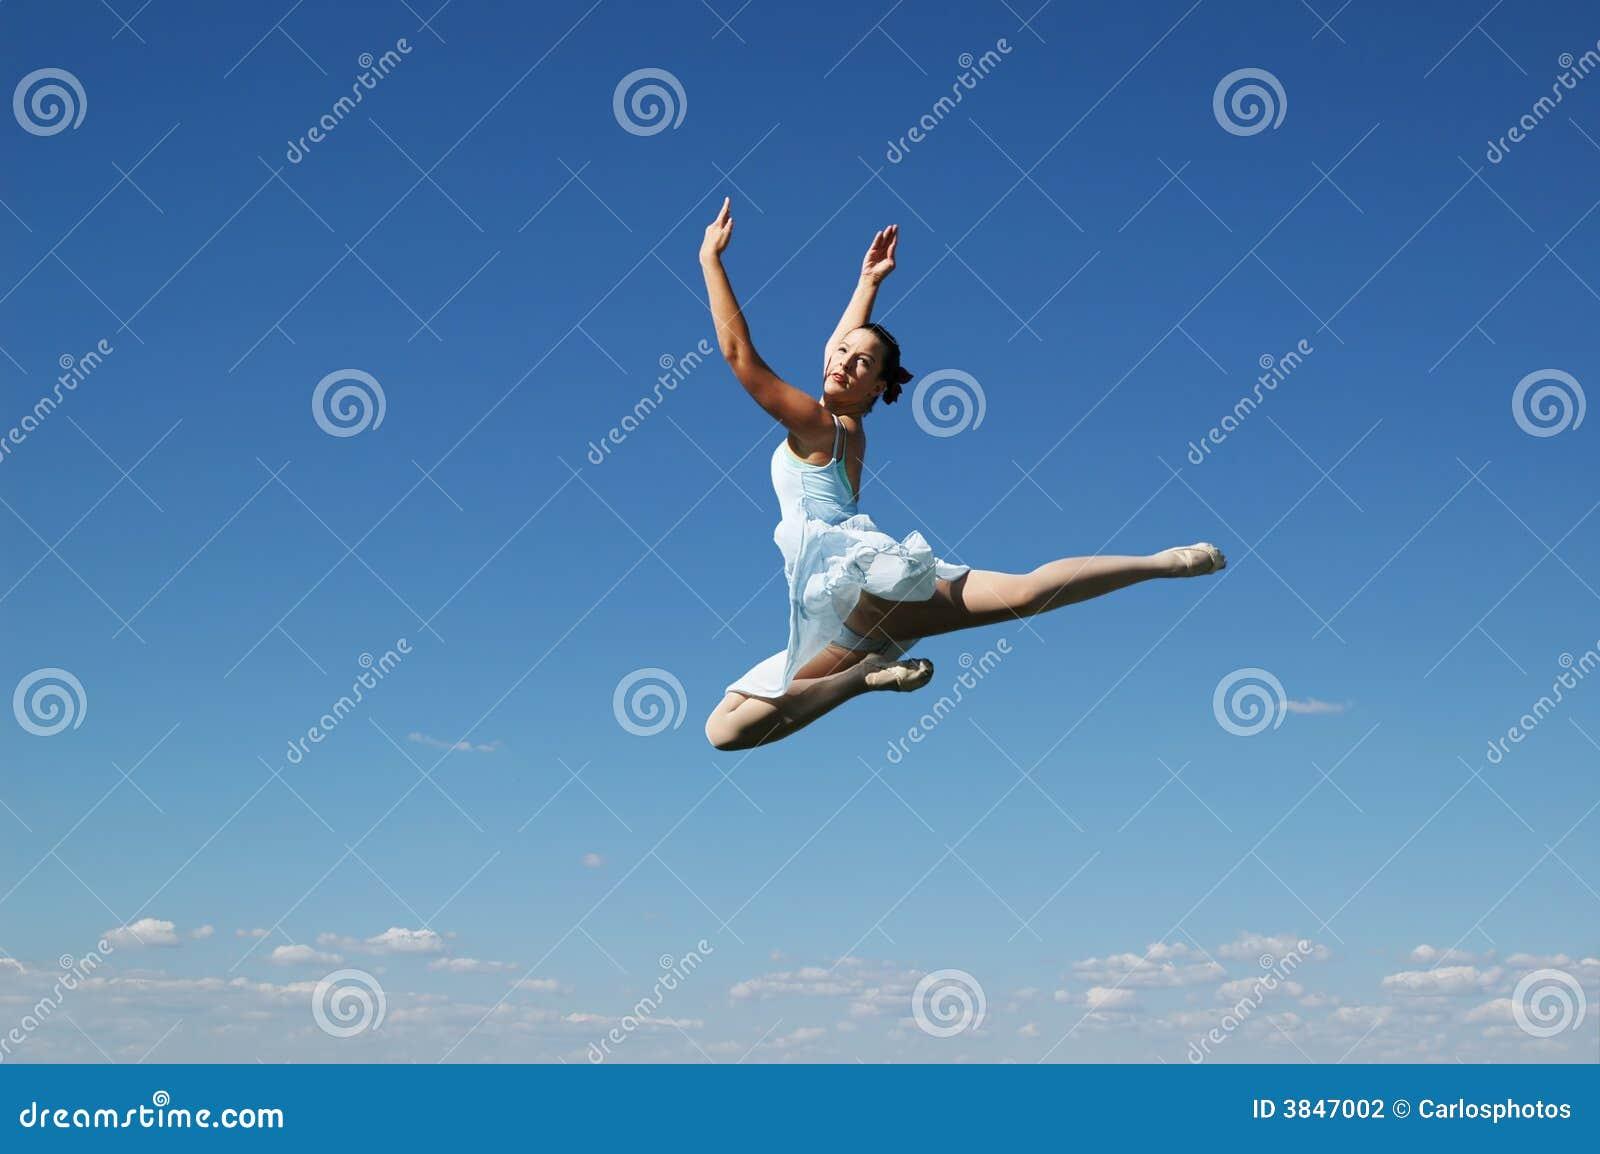 Baleriny jumping